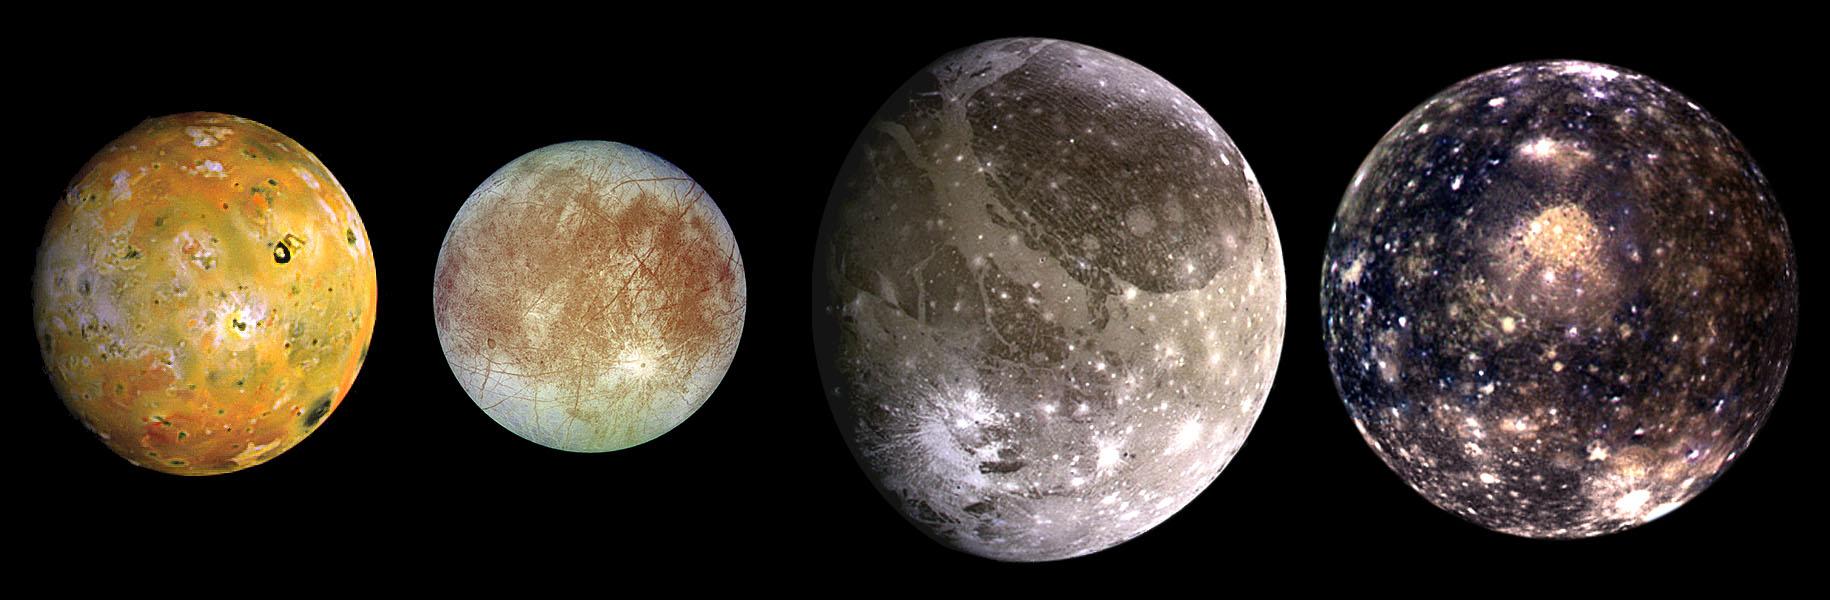 en49-moons-of-jupiter_04